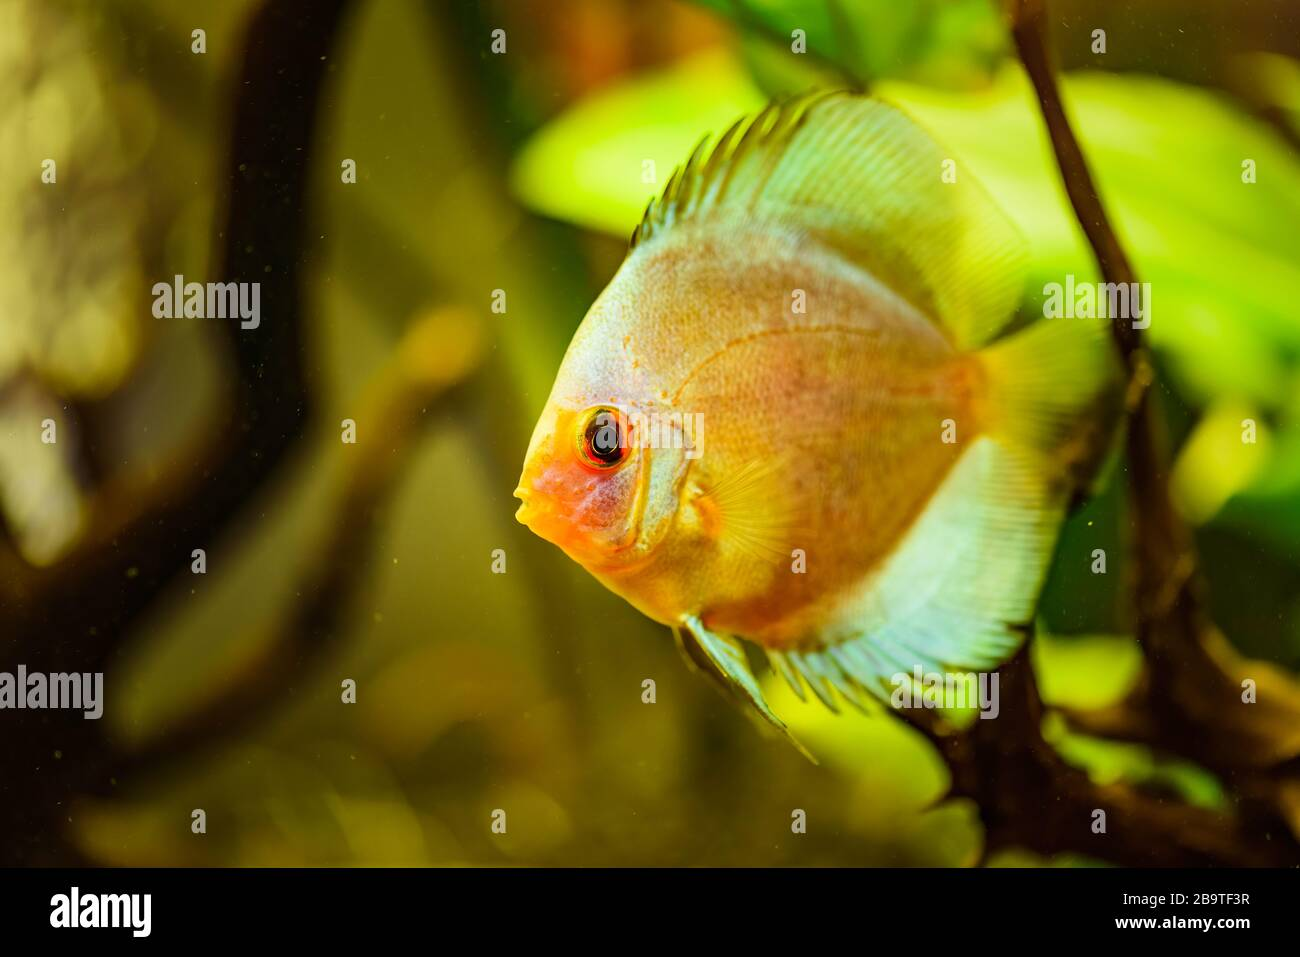 Portrait d'un jaune tropical Symphysodon discus poisson dans un réservoir de poisson. Banque D'Images